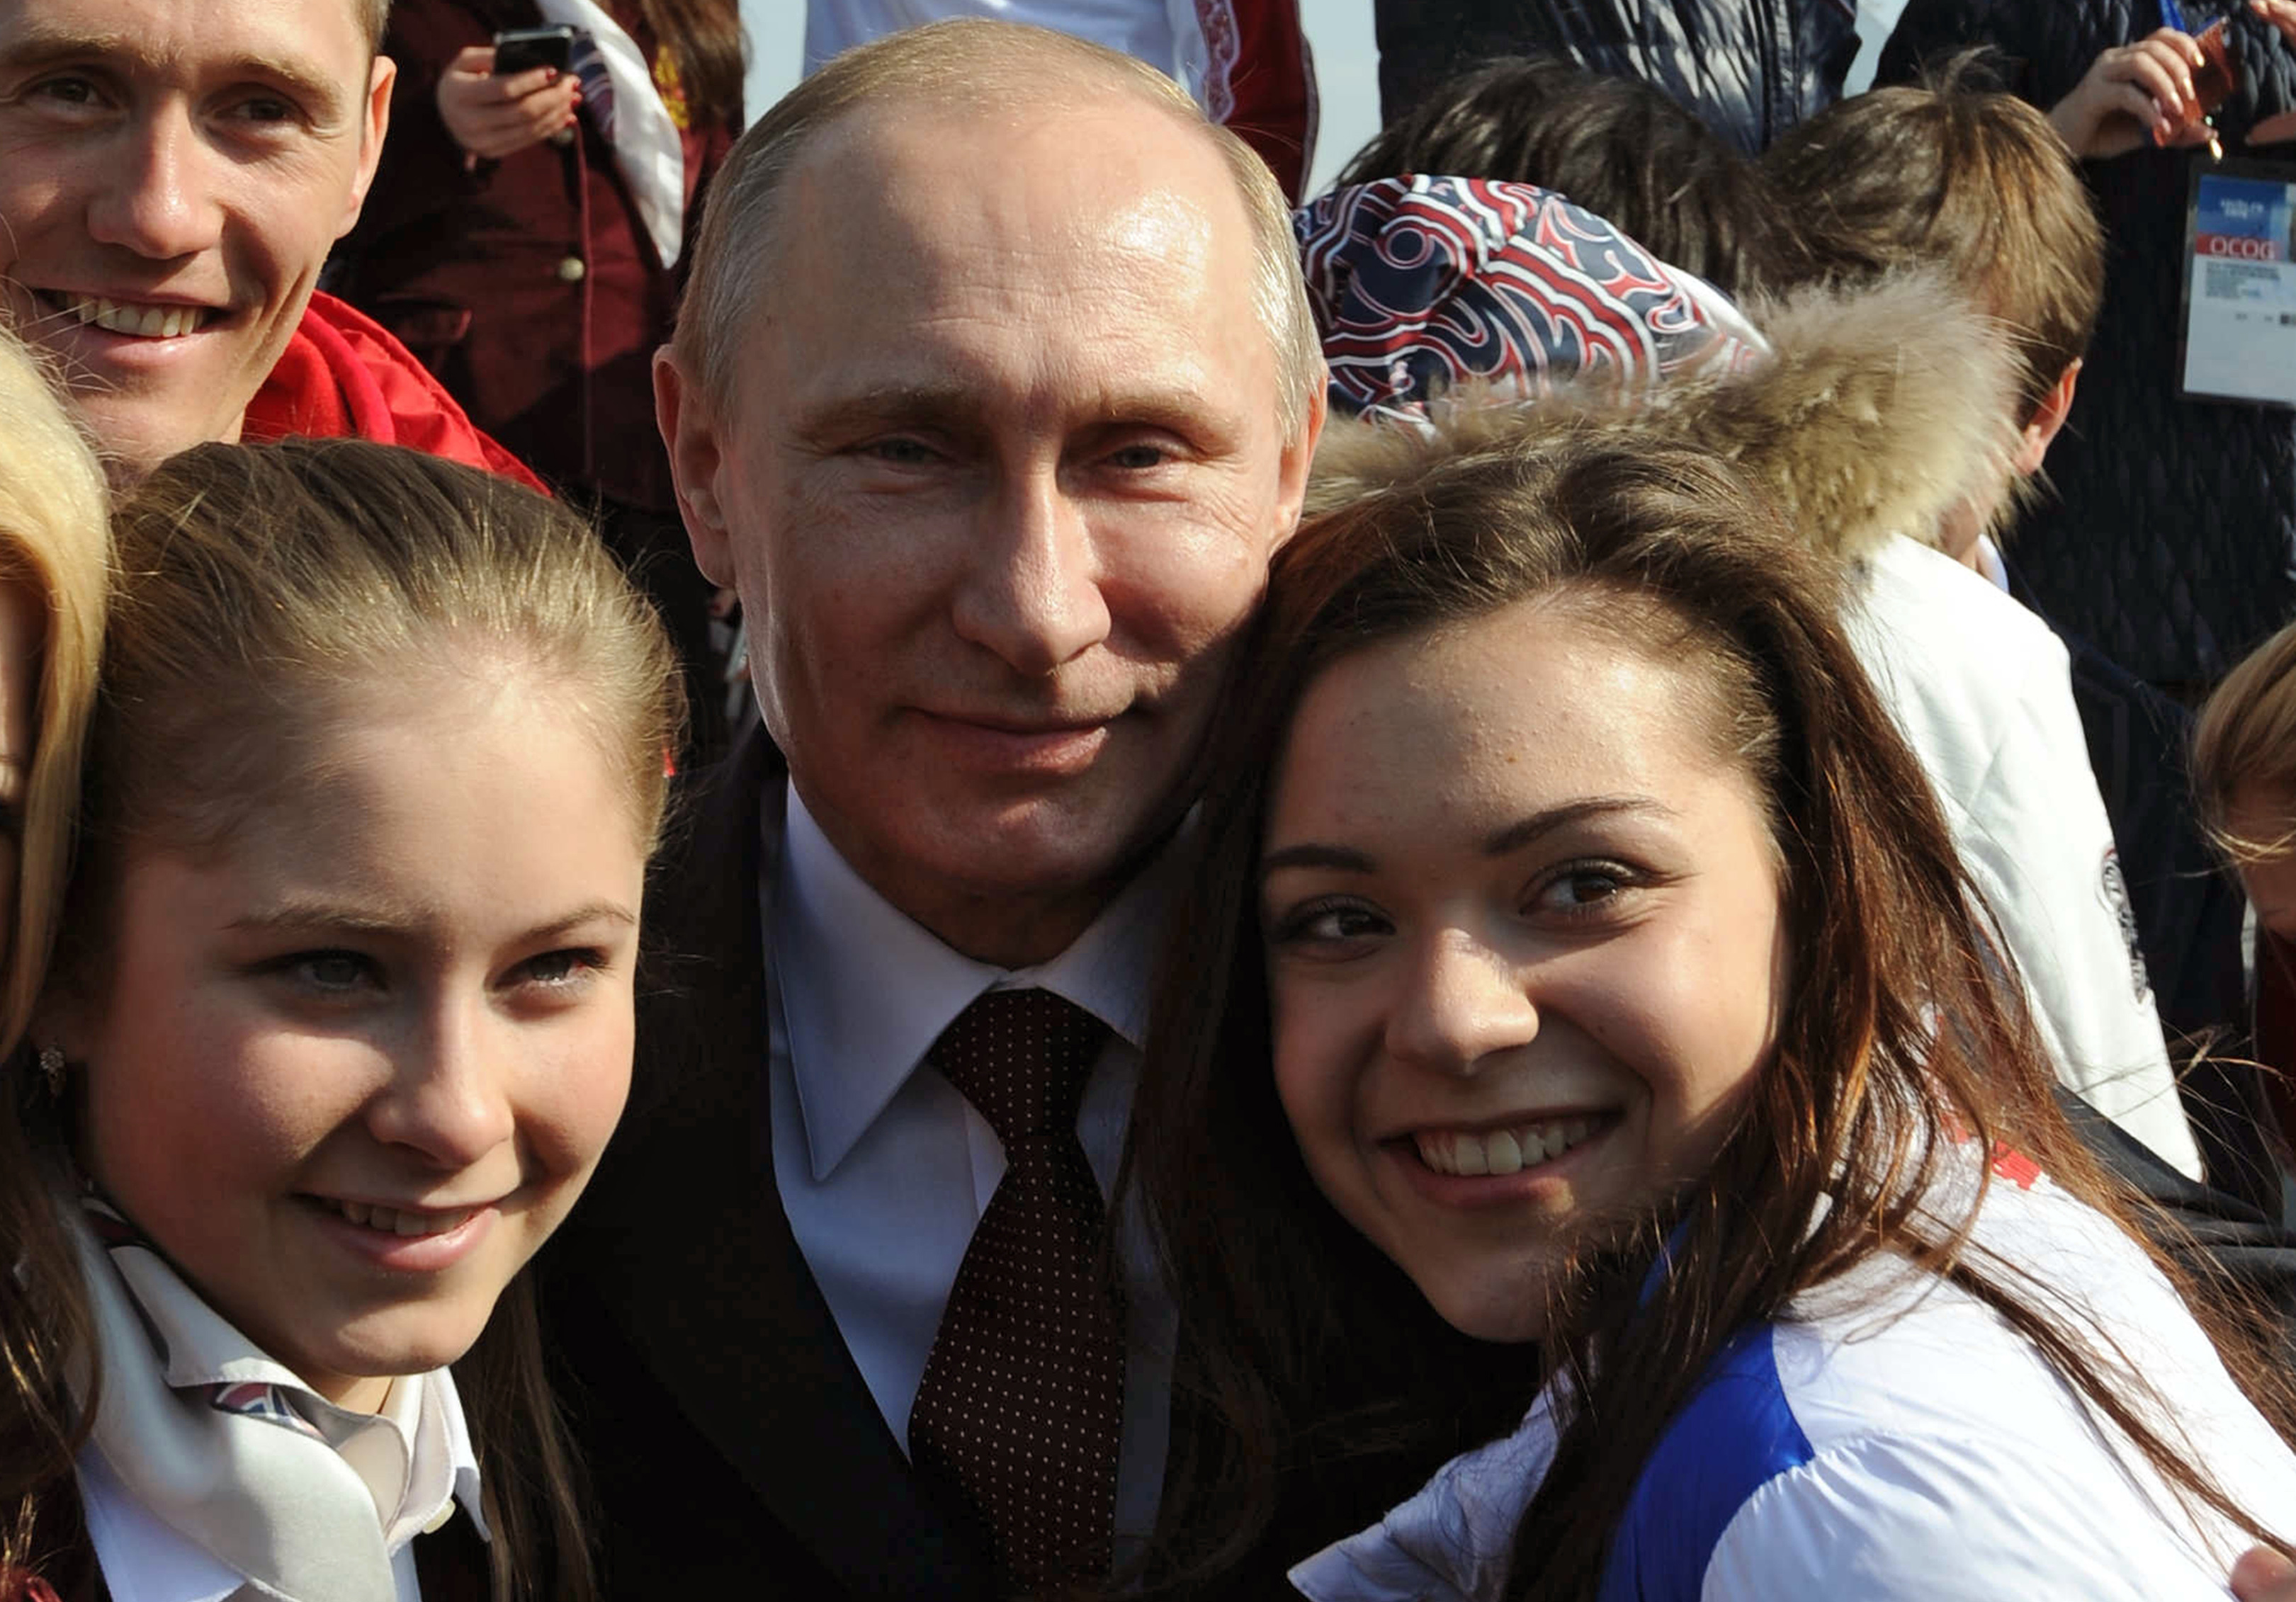 7/10. Путин своје каваљерске манире не показује само у друштву страних државника и њихових супруга. Овде га видимо како честита победницама на Олимпијским играма у Сочију, руским такмичаркама у уметничком клизању Аделини Сотниковој и Јулији Липницкој.